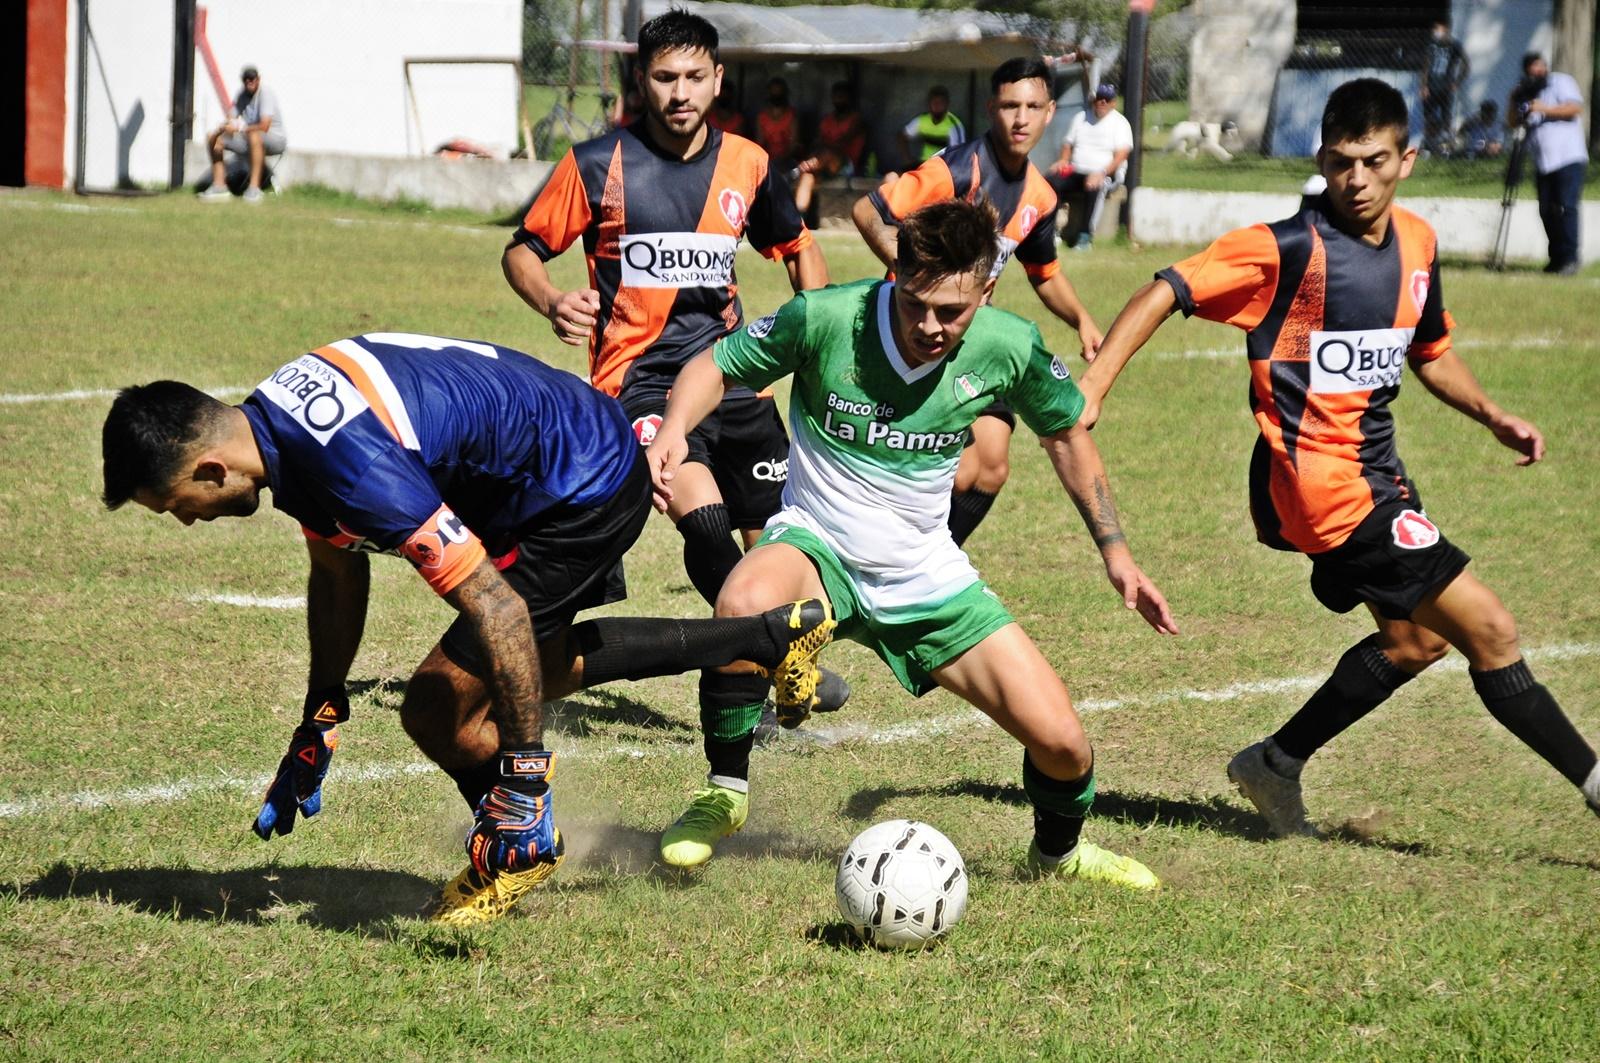 Liga Pampeana: En el adelantado Deportivo Ranqueles y Ferro de Pico terminaron igualados